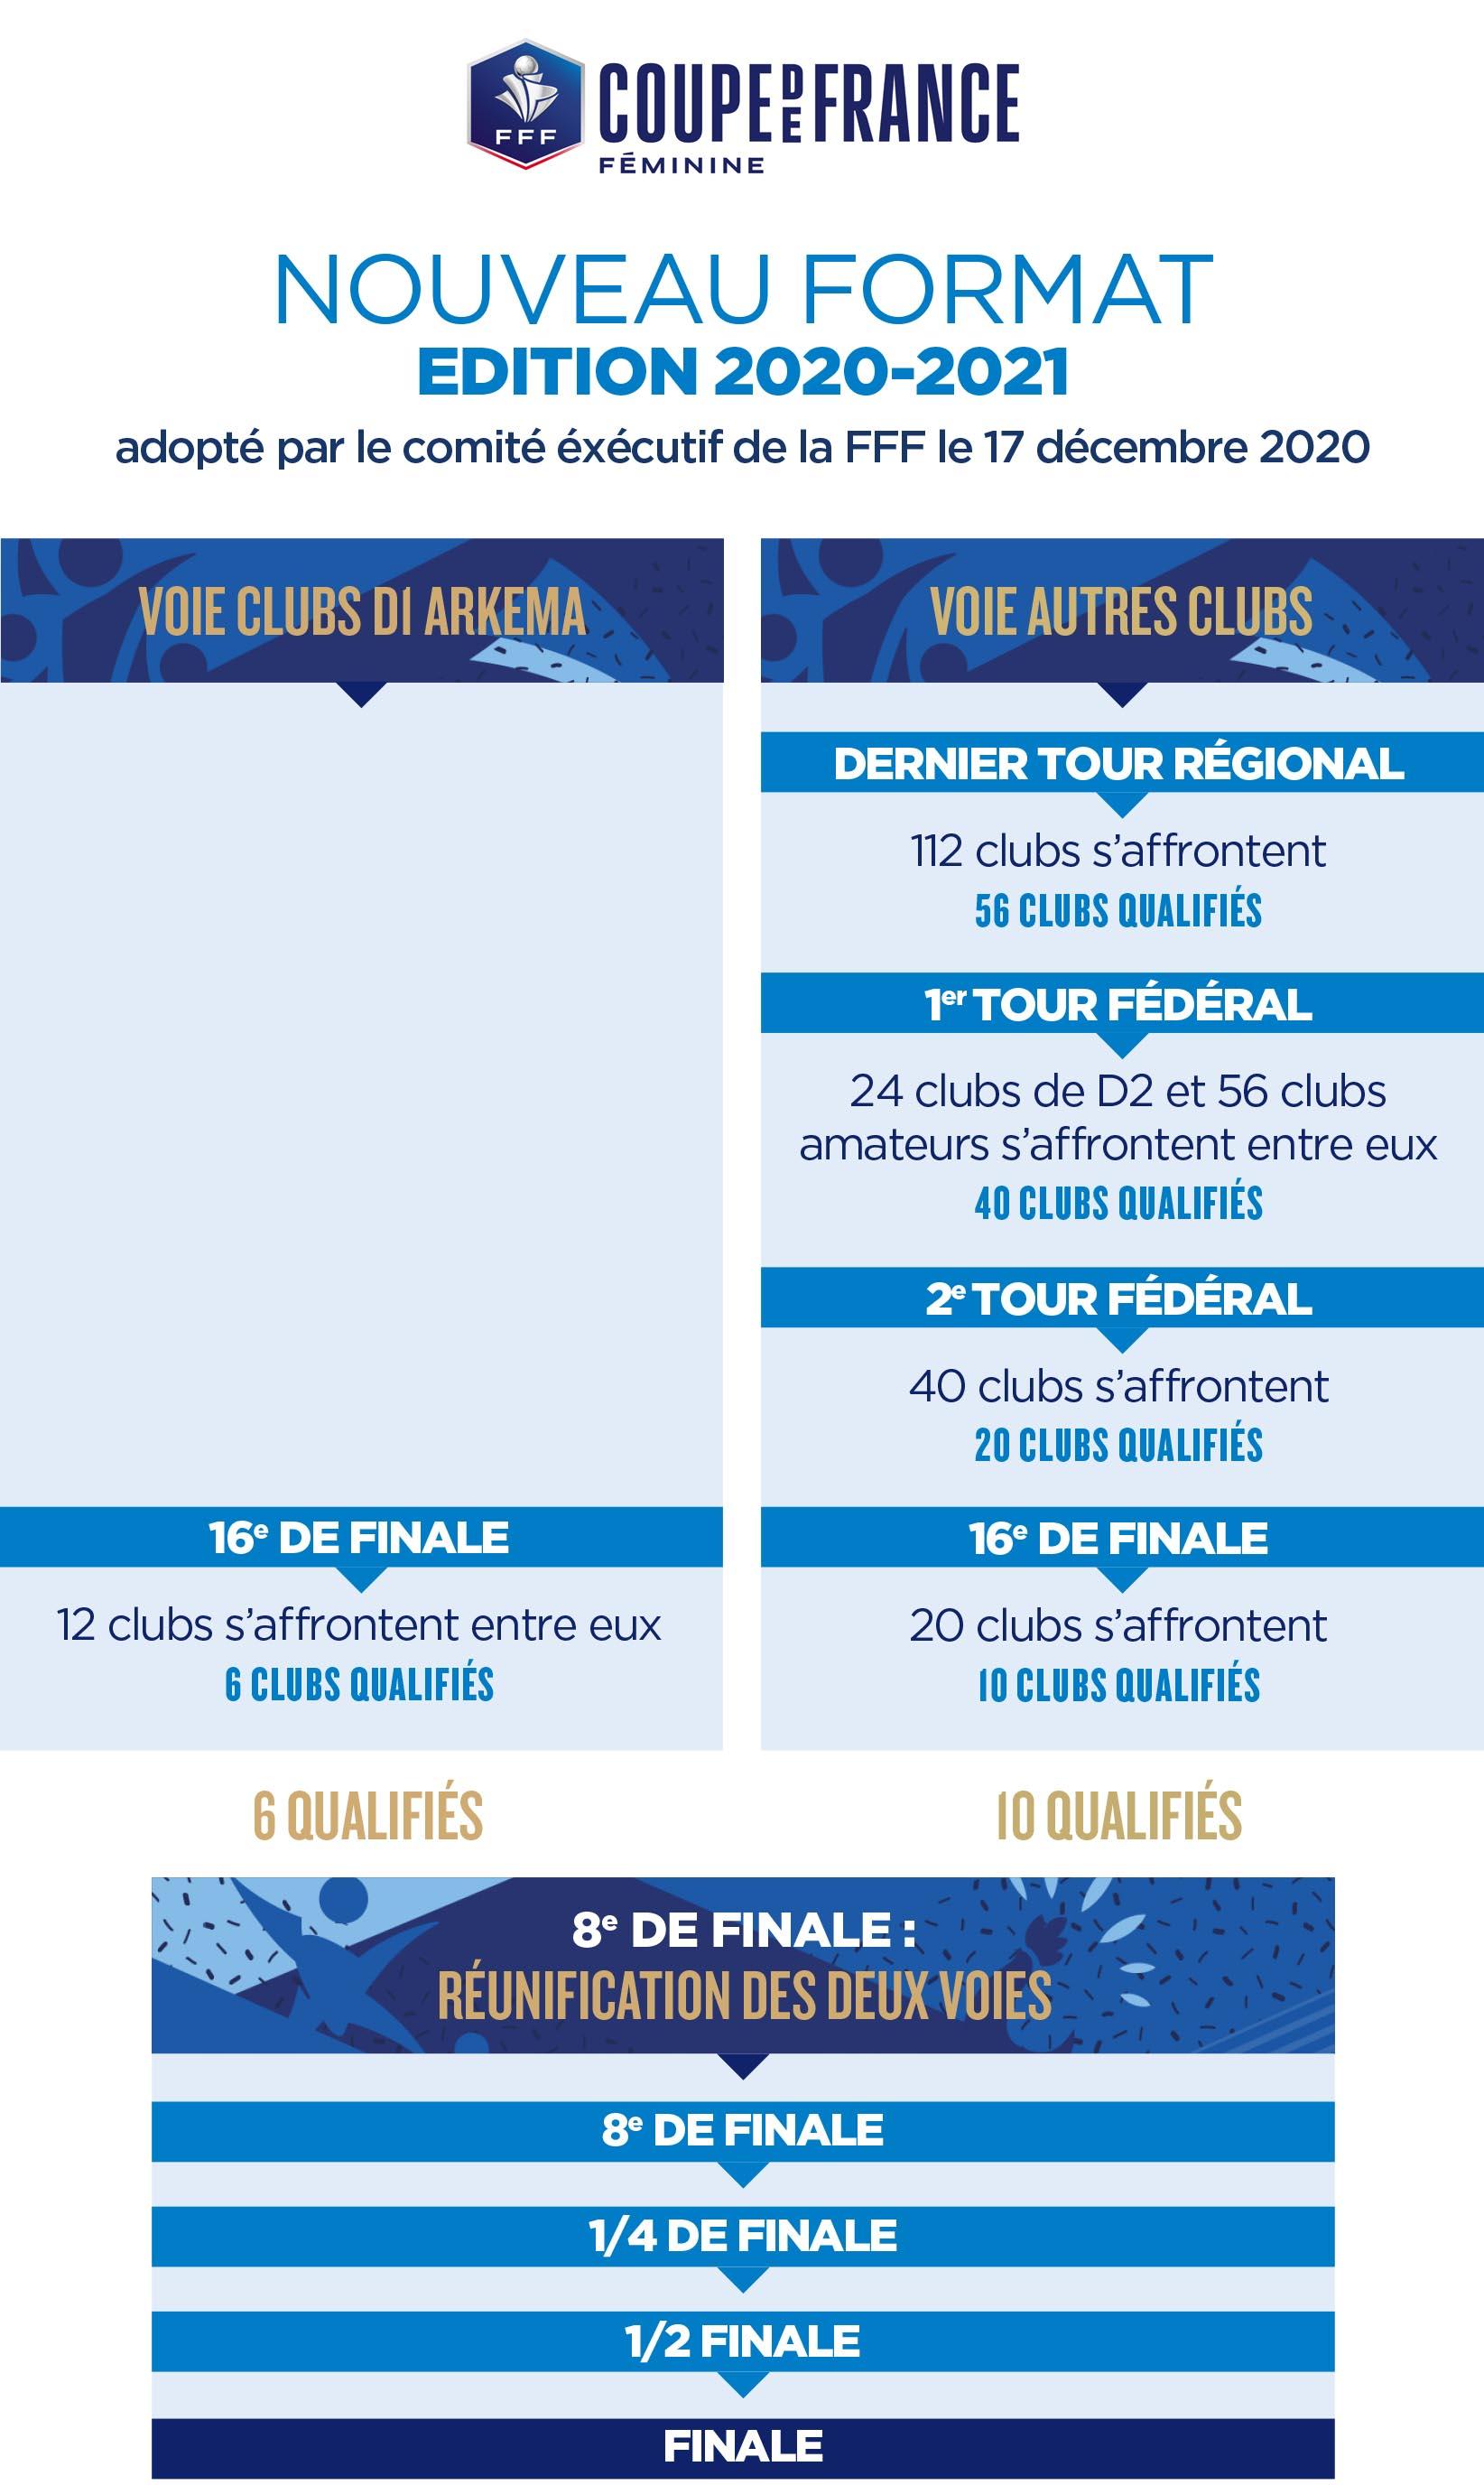 Coupe de France - Le nouveau format adopté